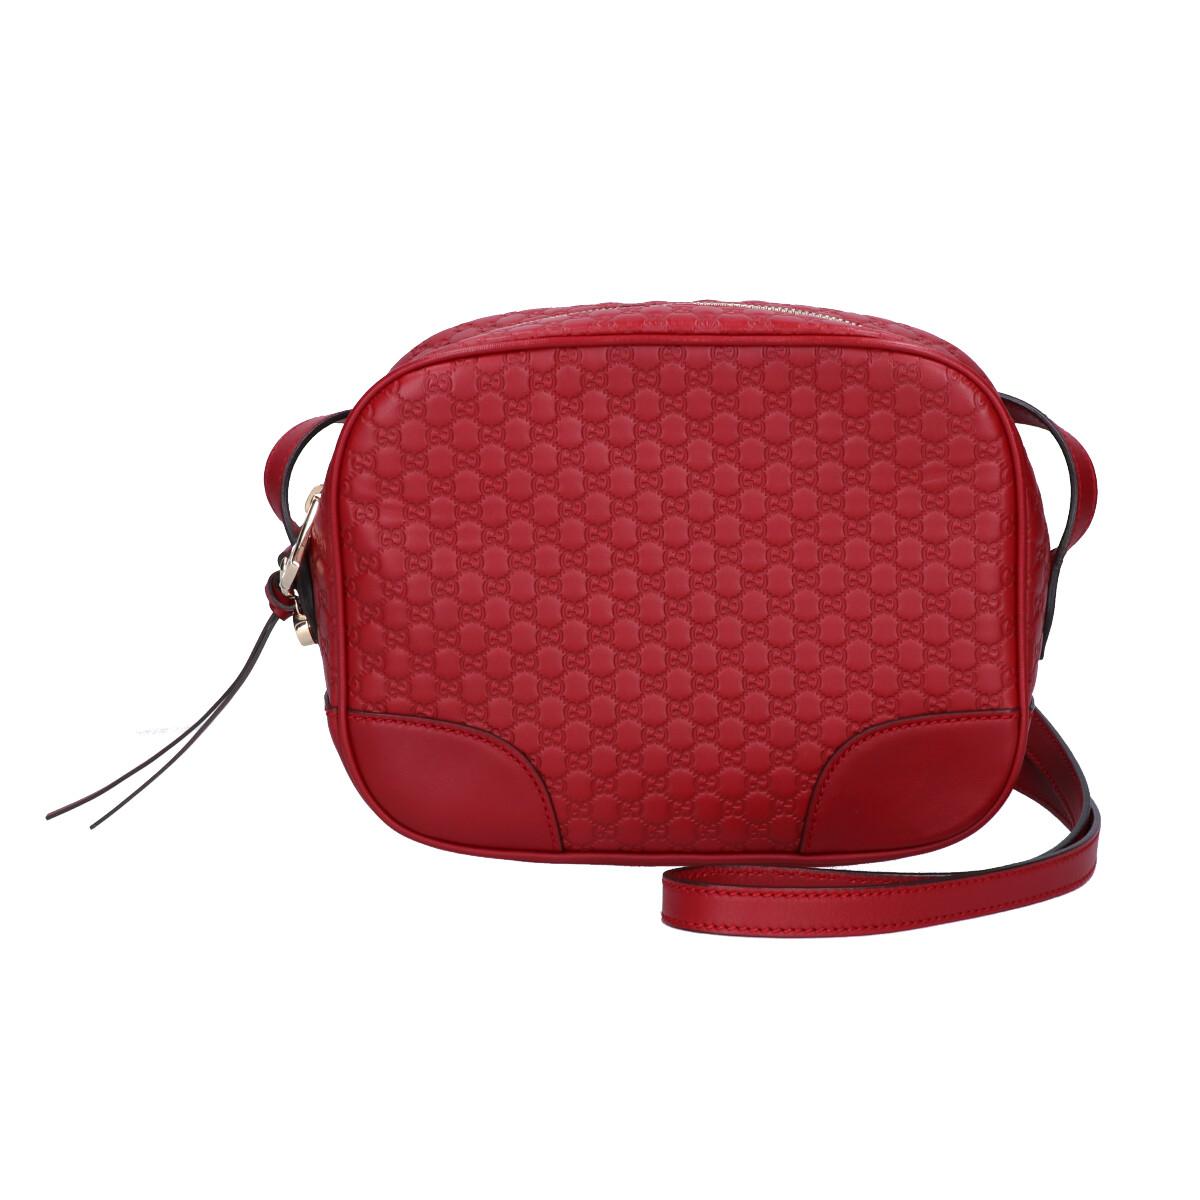 GUCCI Gucci 449413 BREE bully Micro GG Guccissima Crossbody Purse Bag Gucci  sima shoulder bag red Lady\u0027s